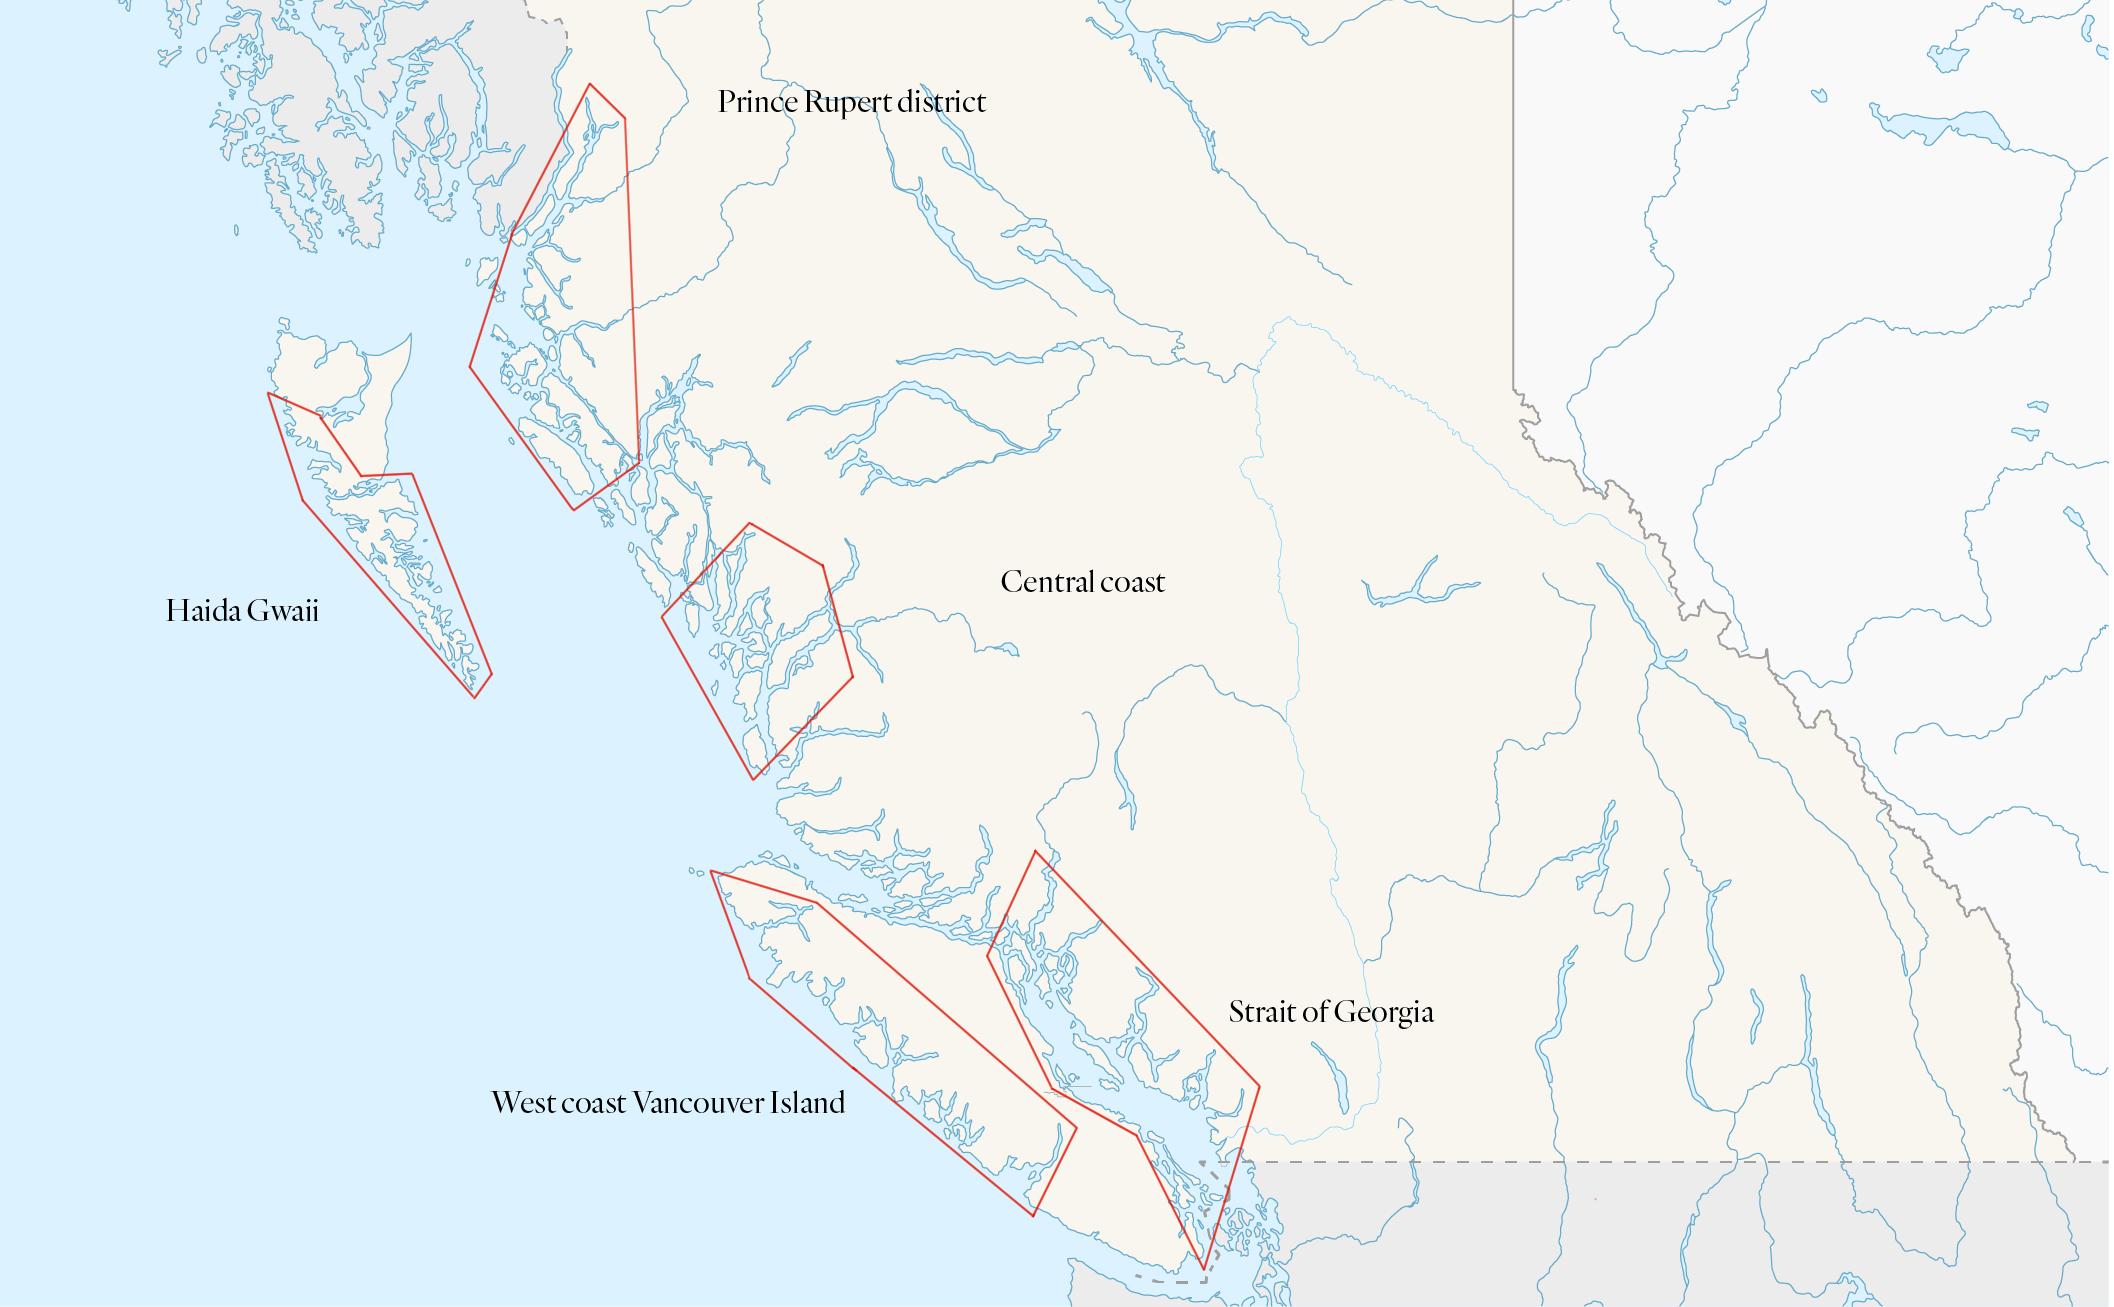 Herring fisheries BC